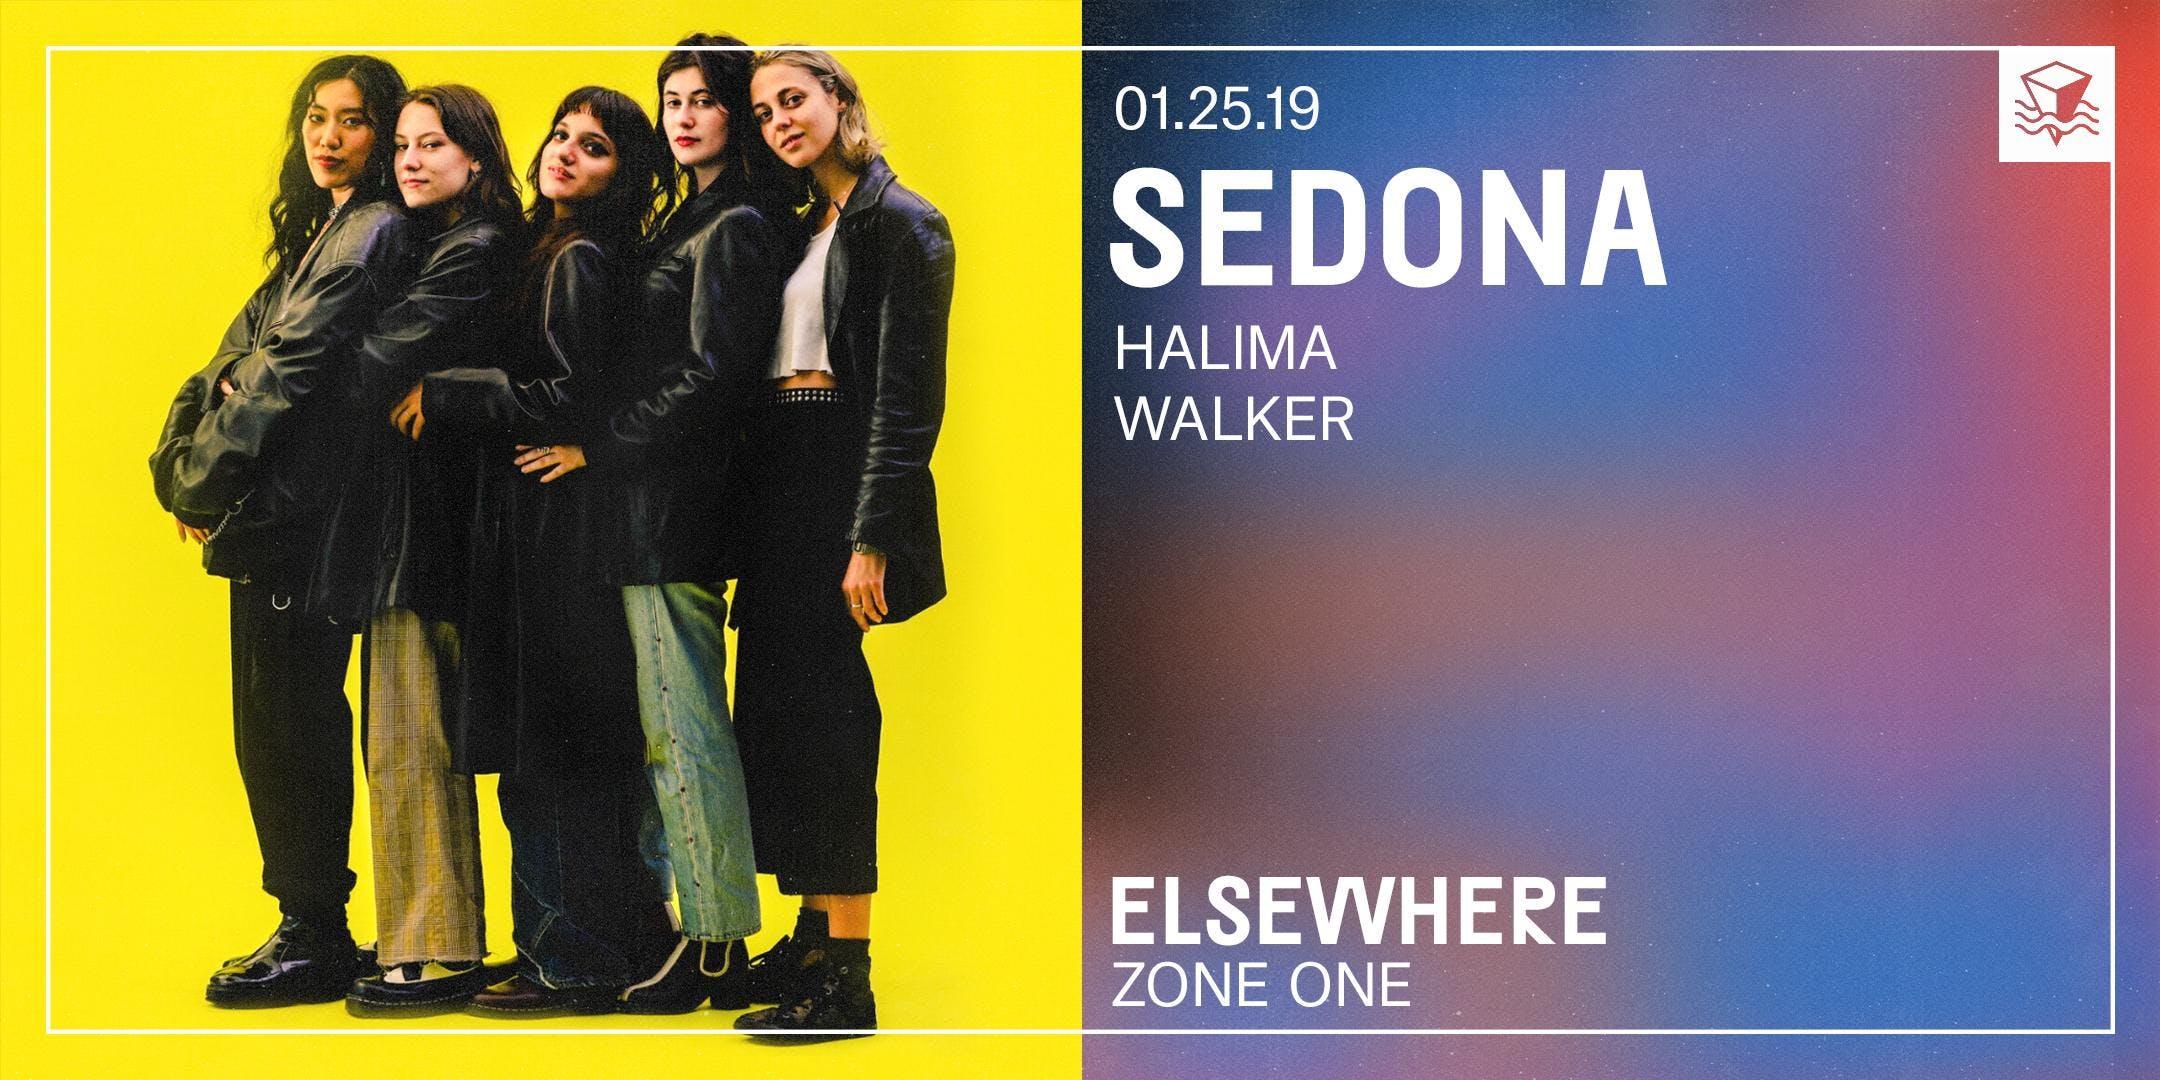 Sedona (Video Release!)